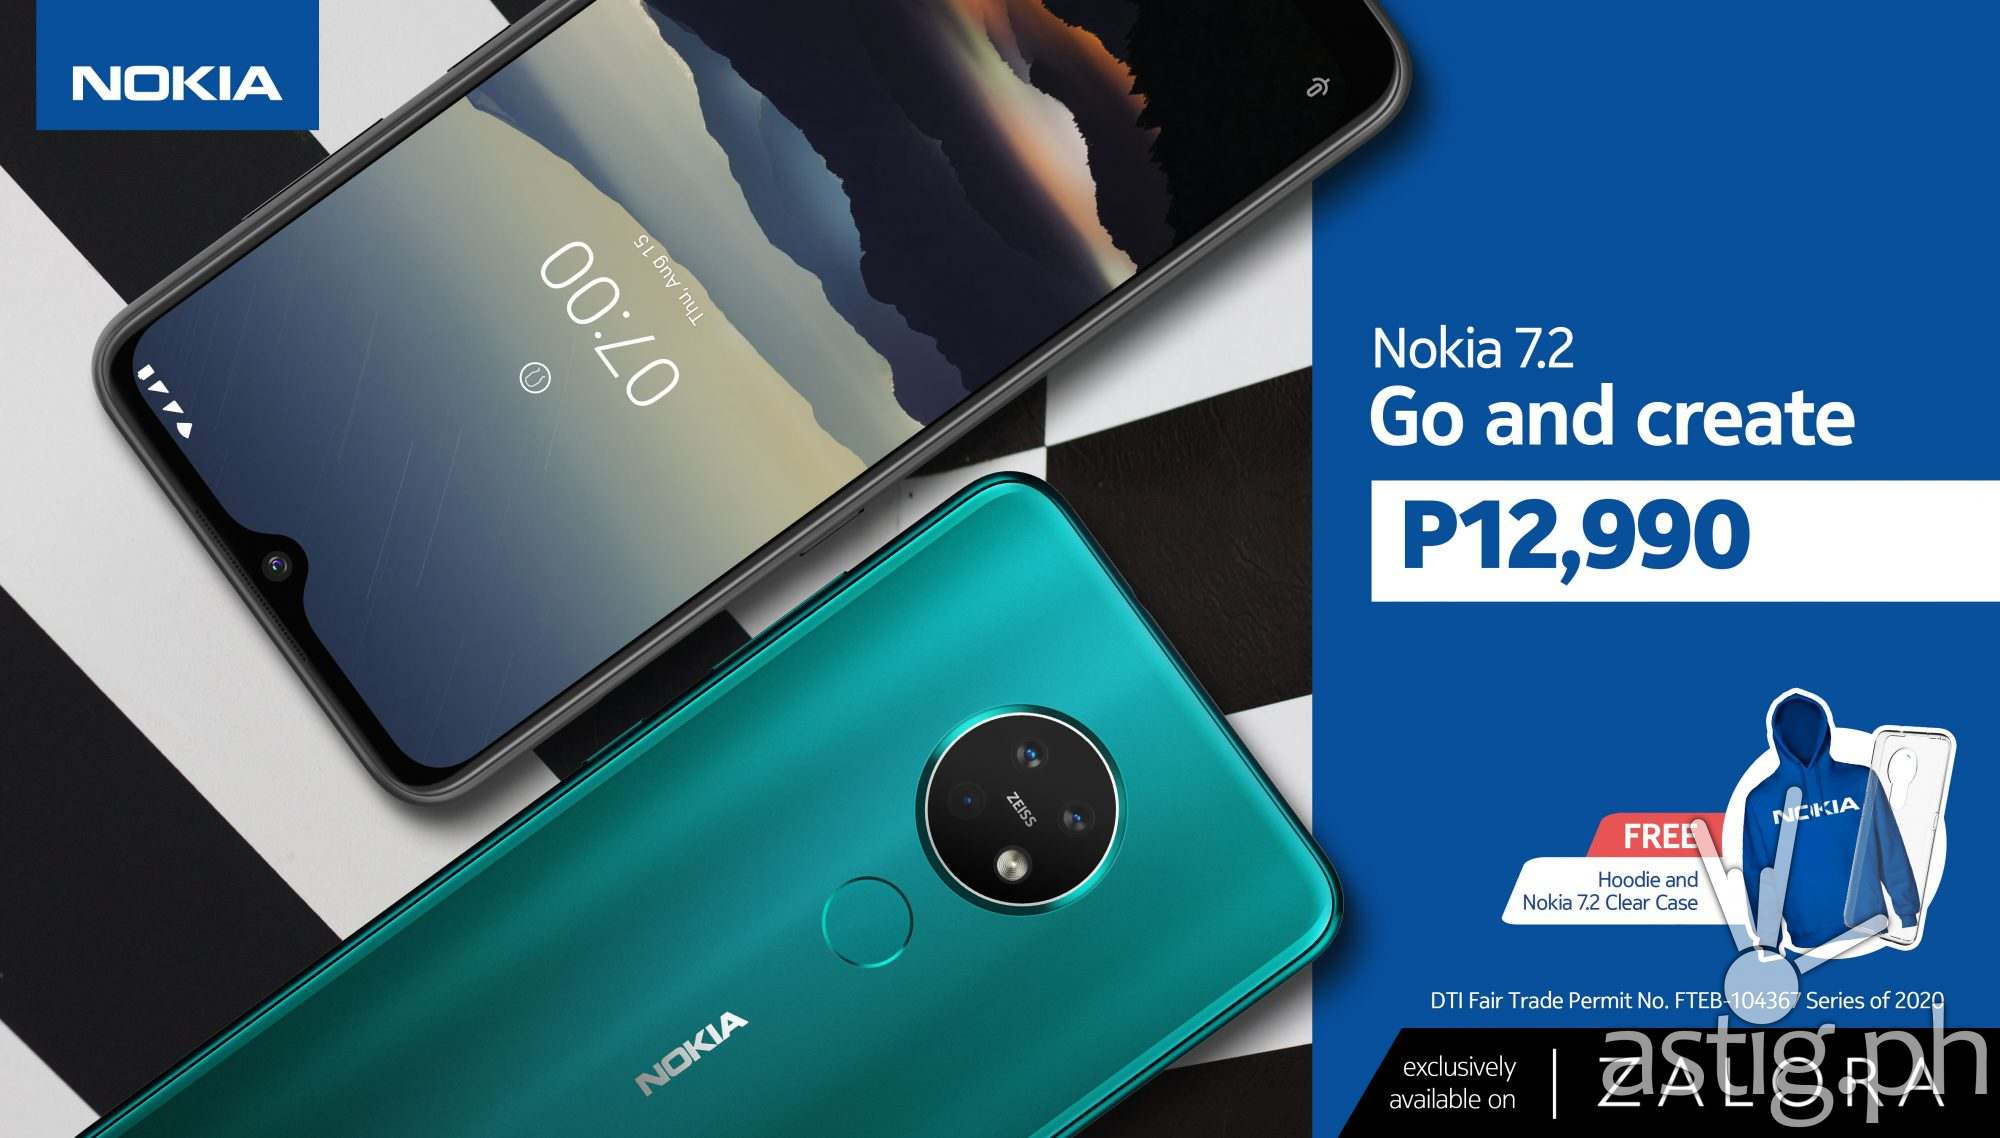 Nokia 7.2 price drop on Zalora